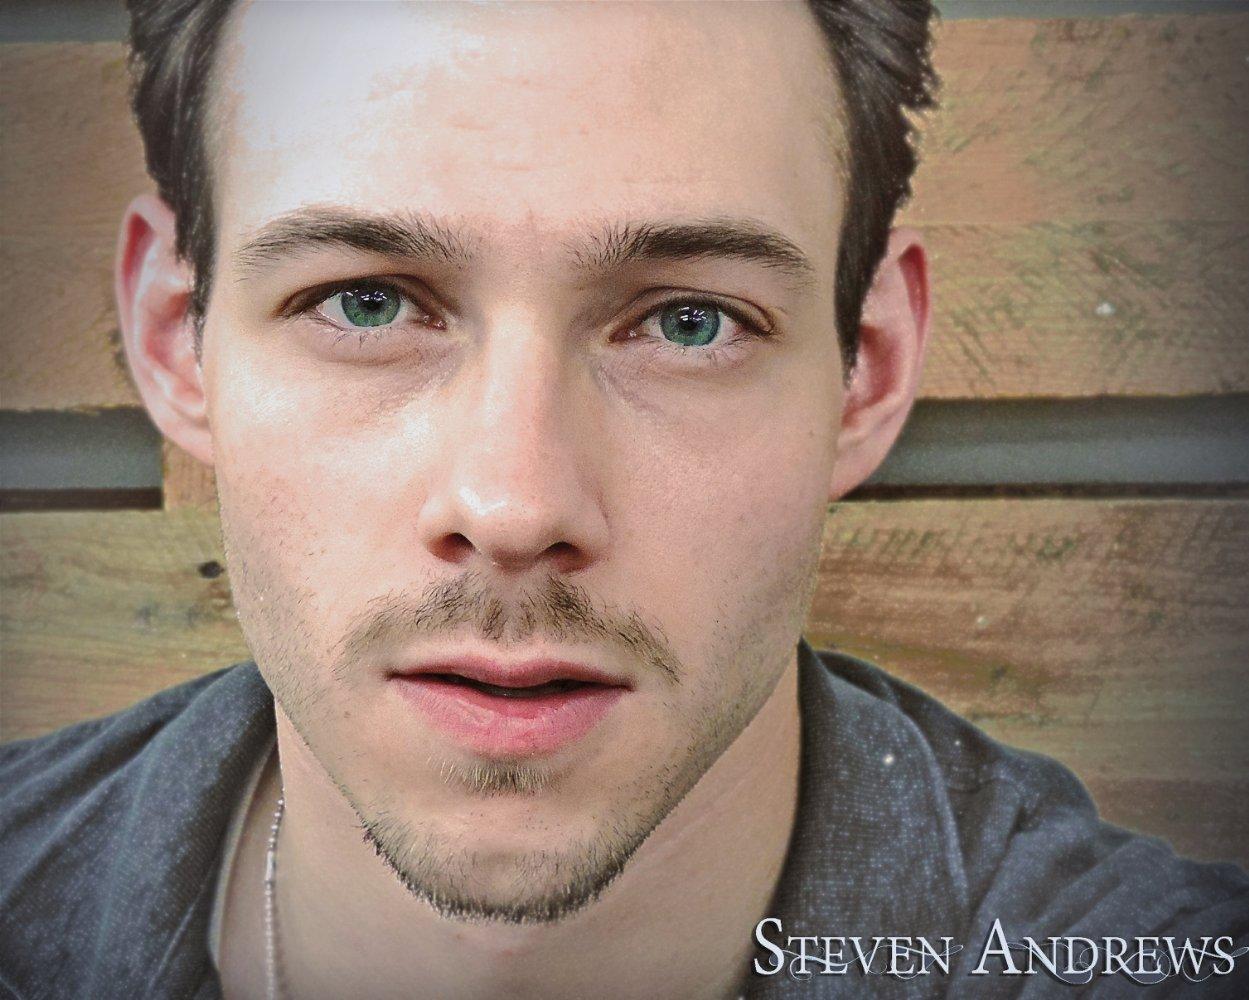 Steven Andrews